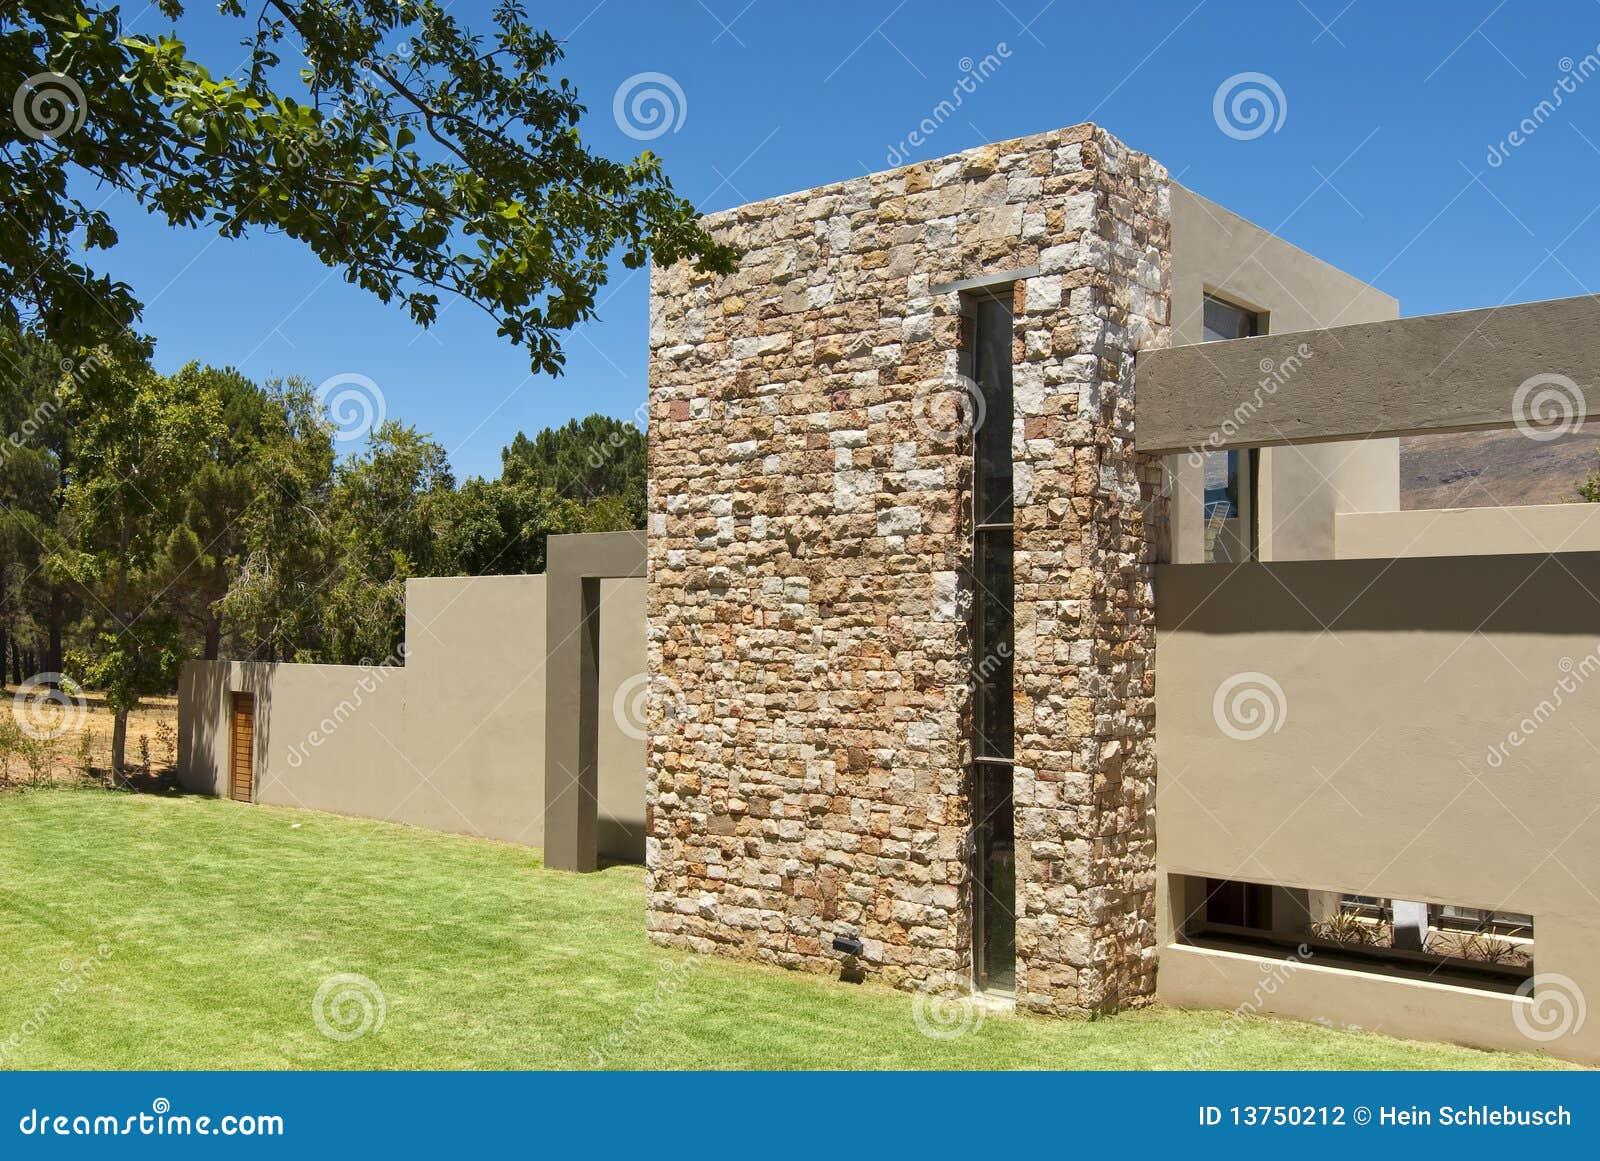 Exterior da casa moderna foto de stock imagem de outdoors - Casa moderna esterno ...